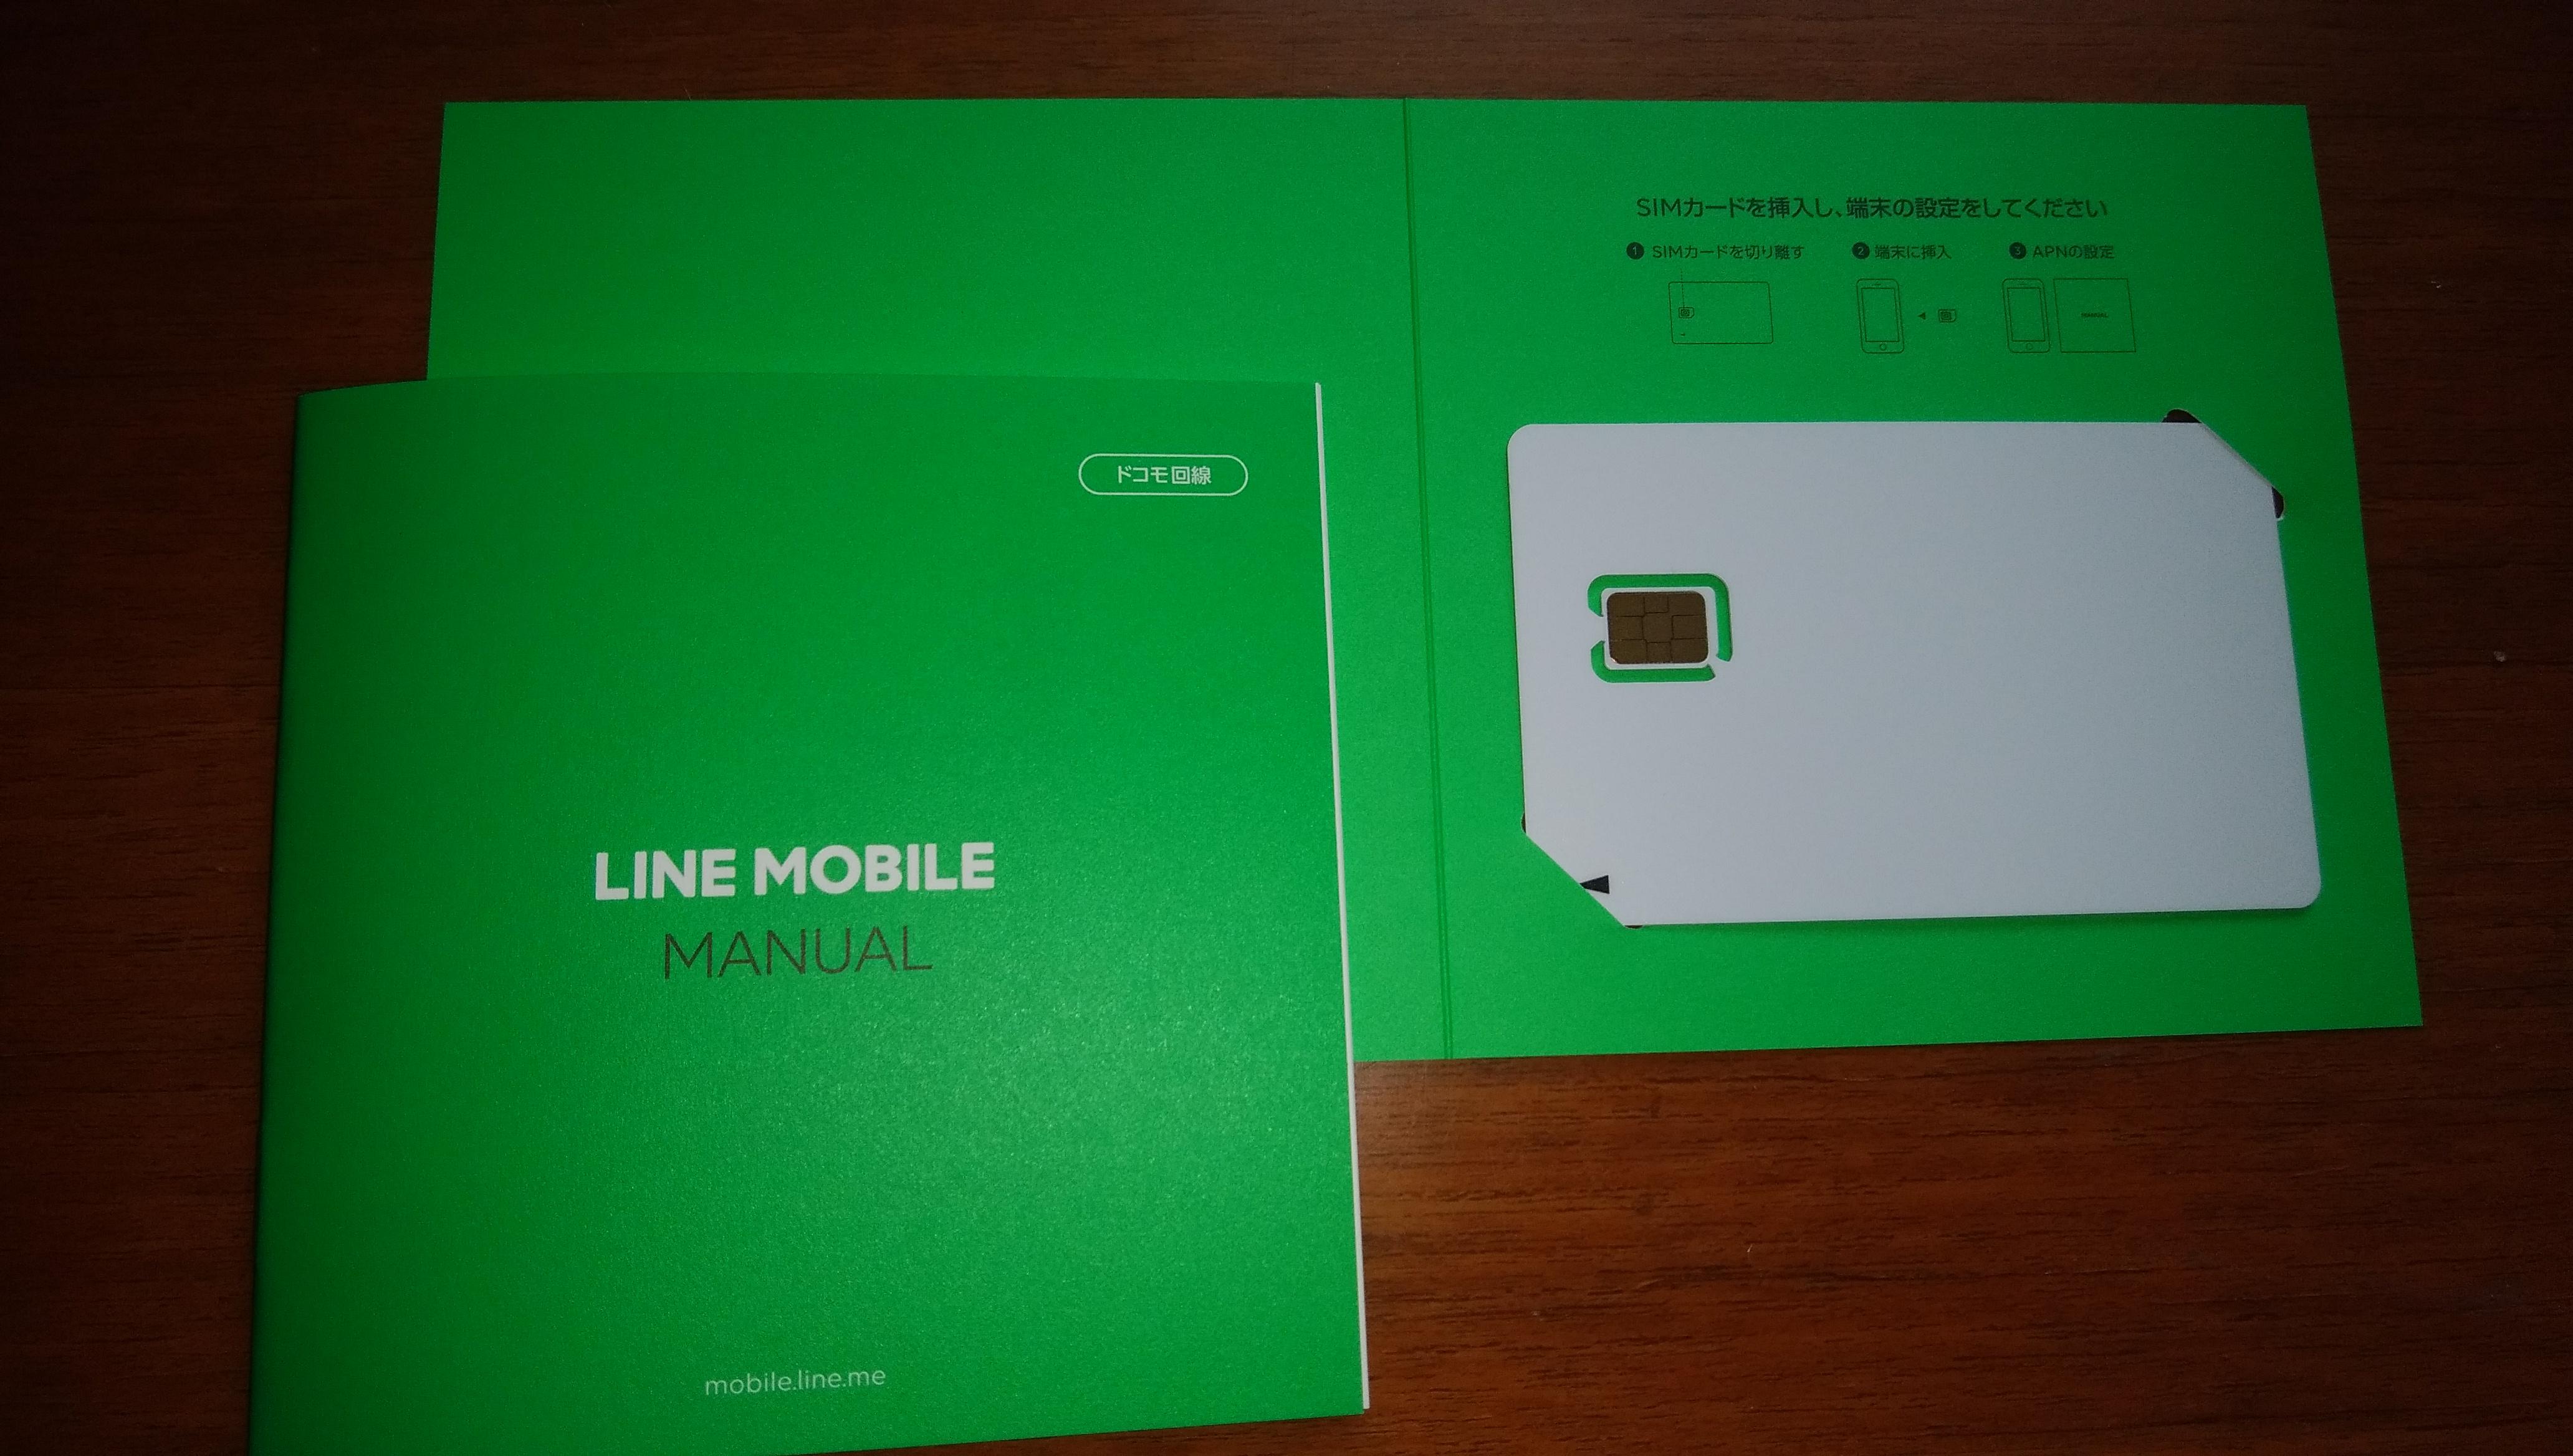 電話 番号 モバイル line